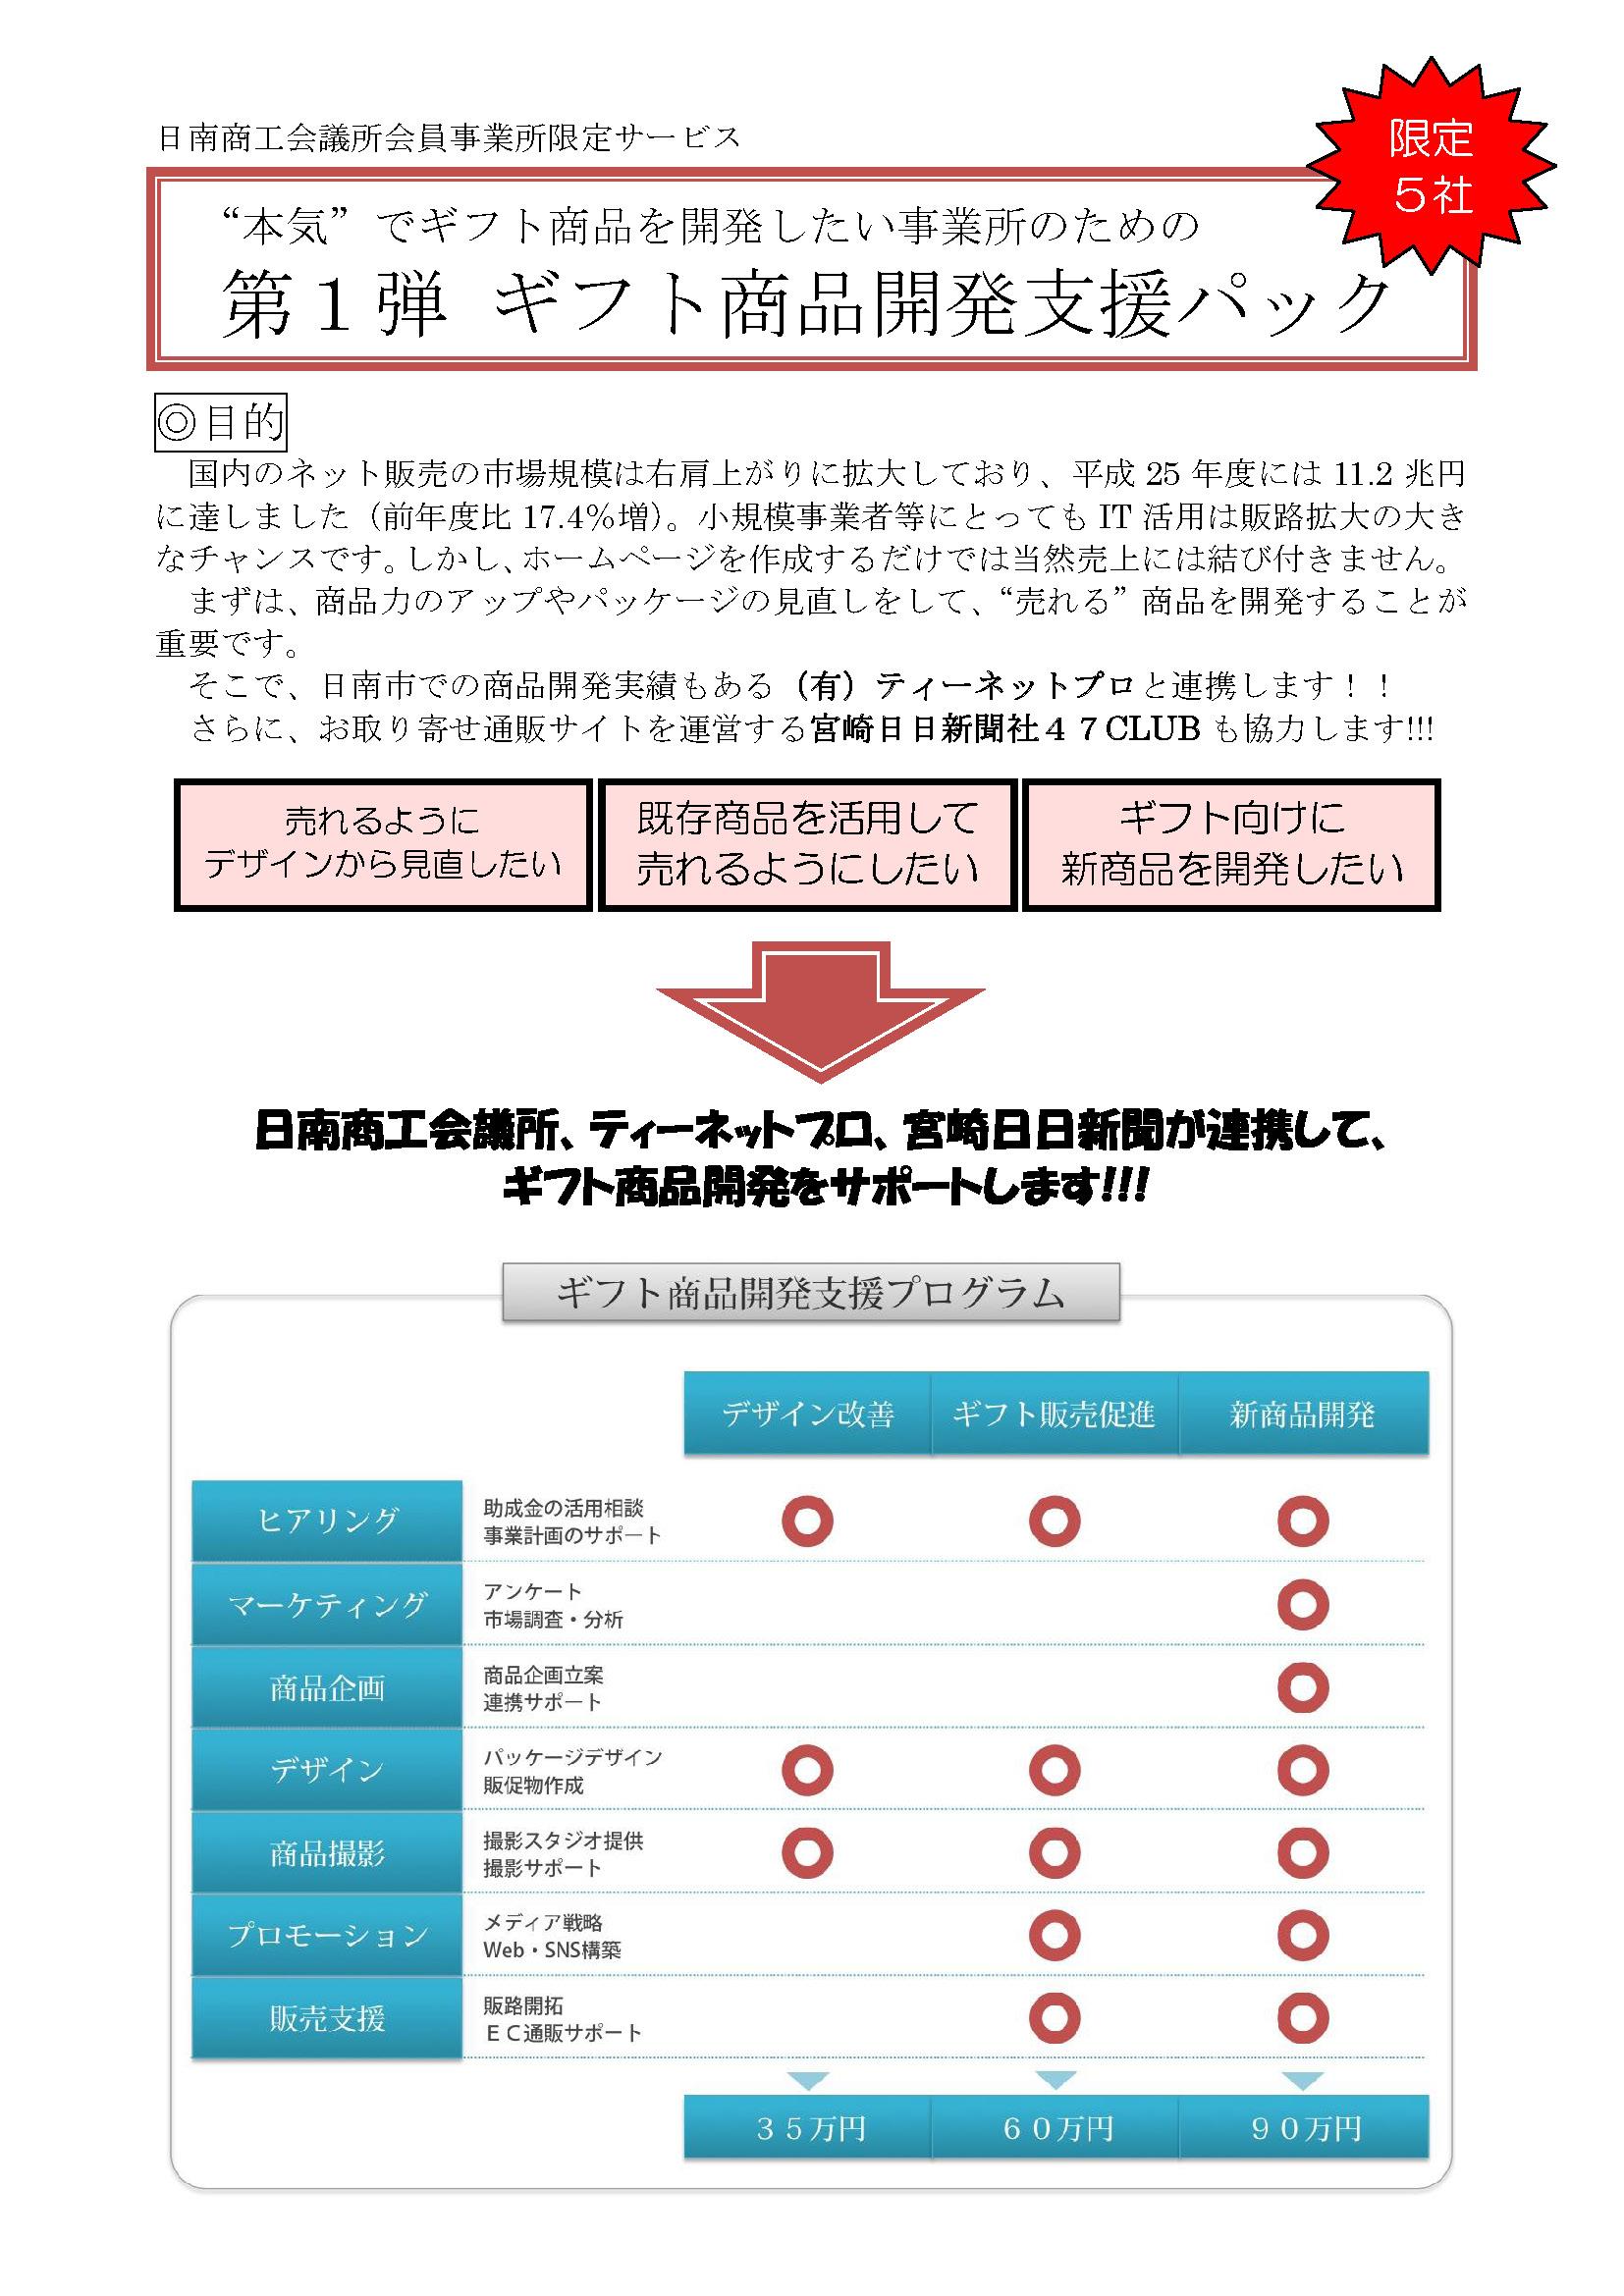 nichinangiftsupport-3_ページ_1